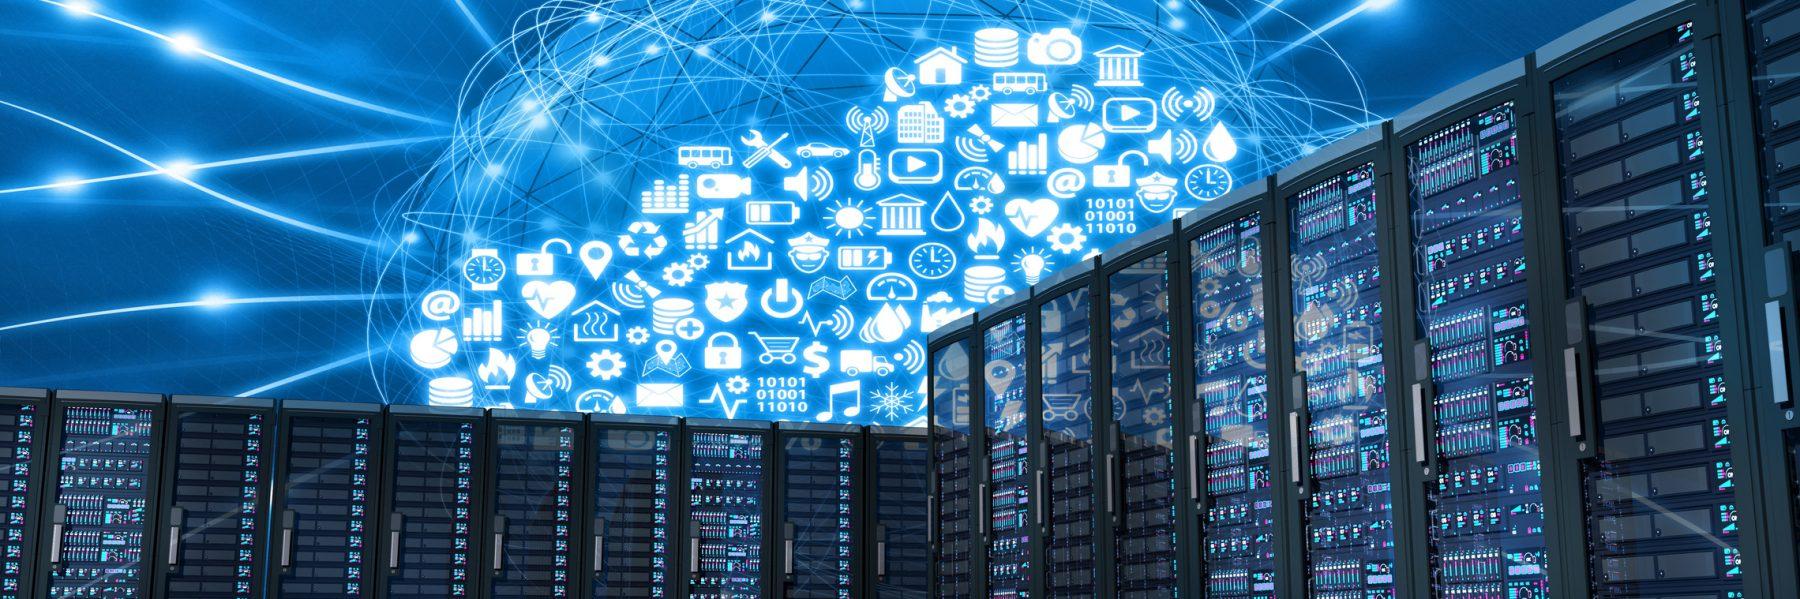 Der Siegeszug geht weiter: Cloud-Technologien in Unternehmen